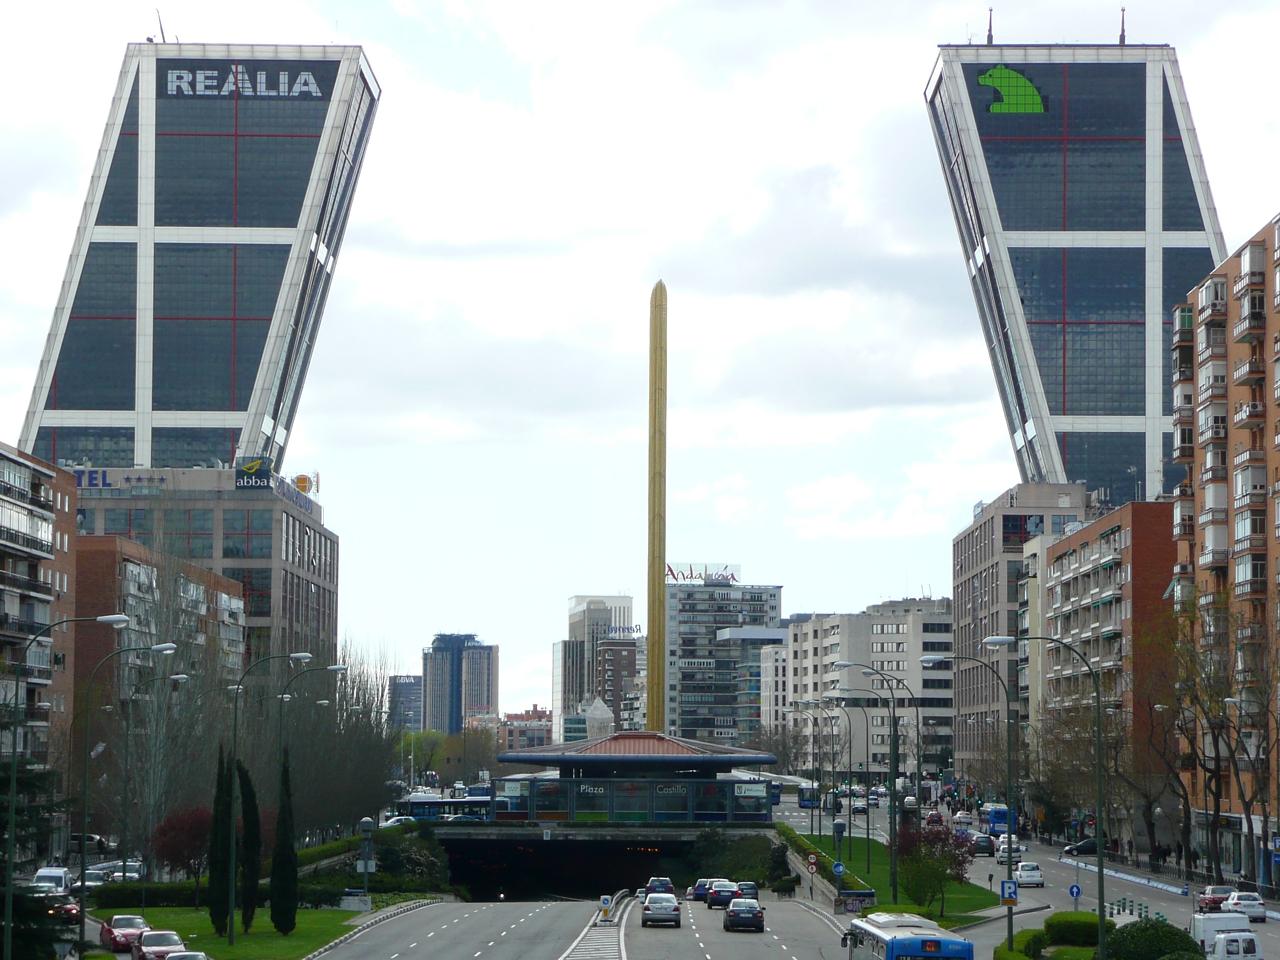 Plaza de Castilla, Madrid, by Metro Centric vía Flickr